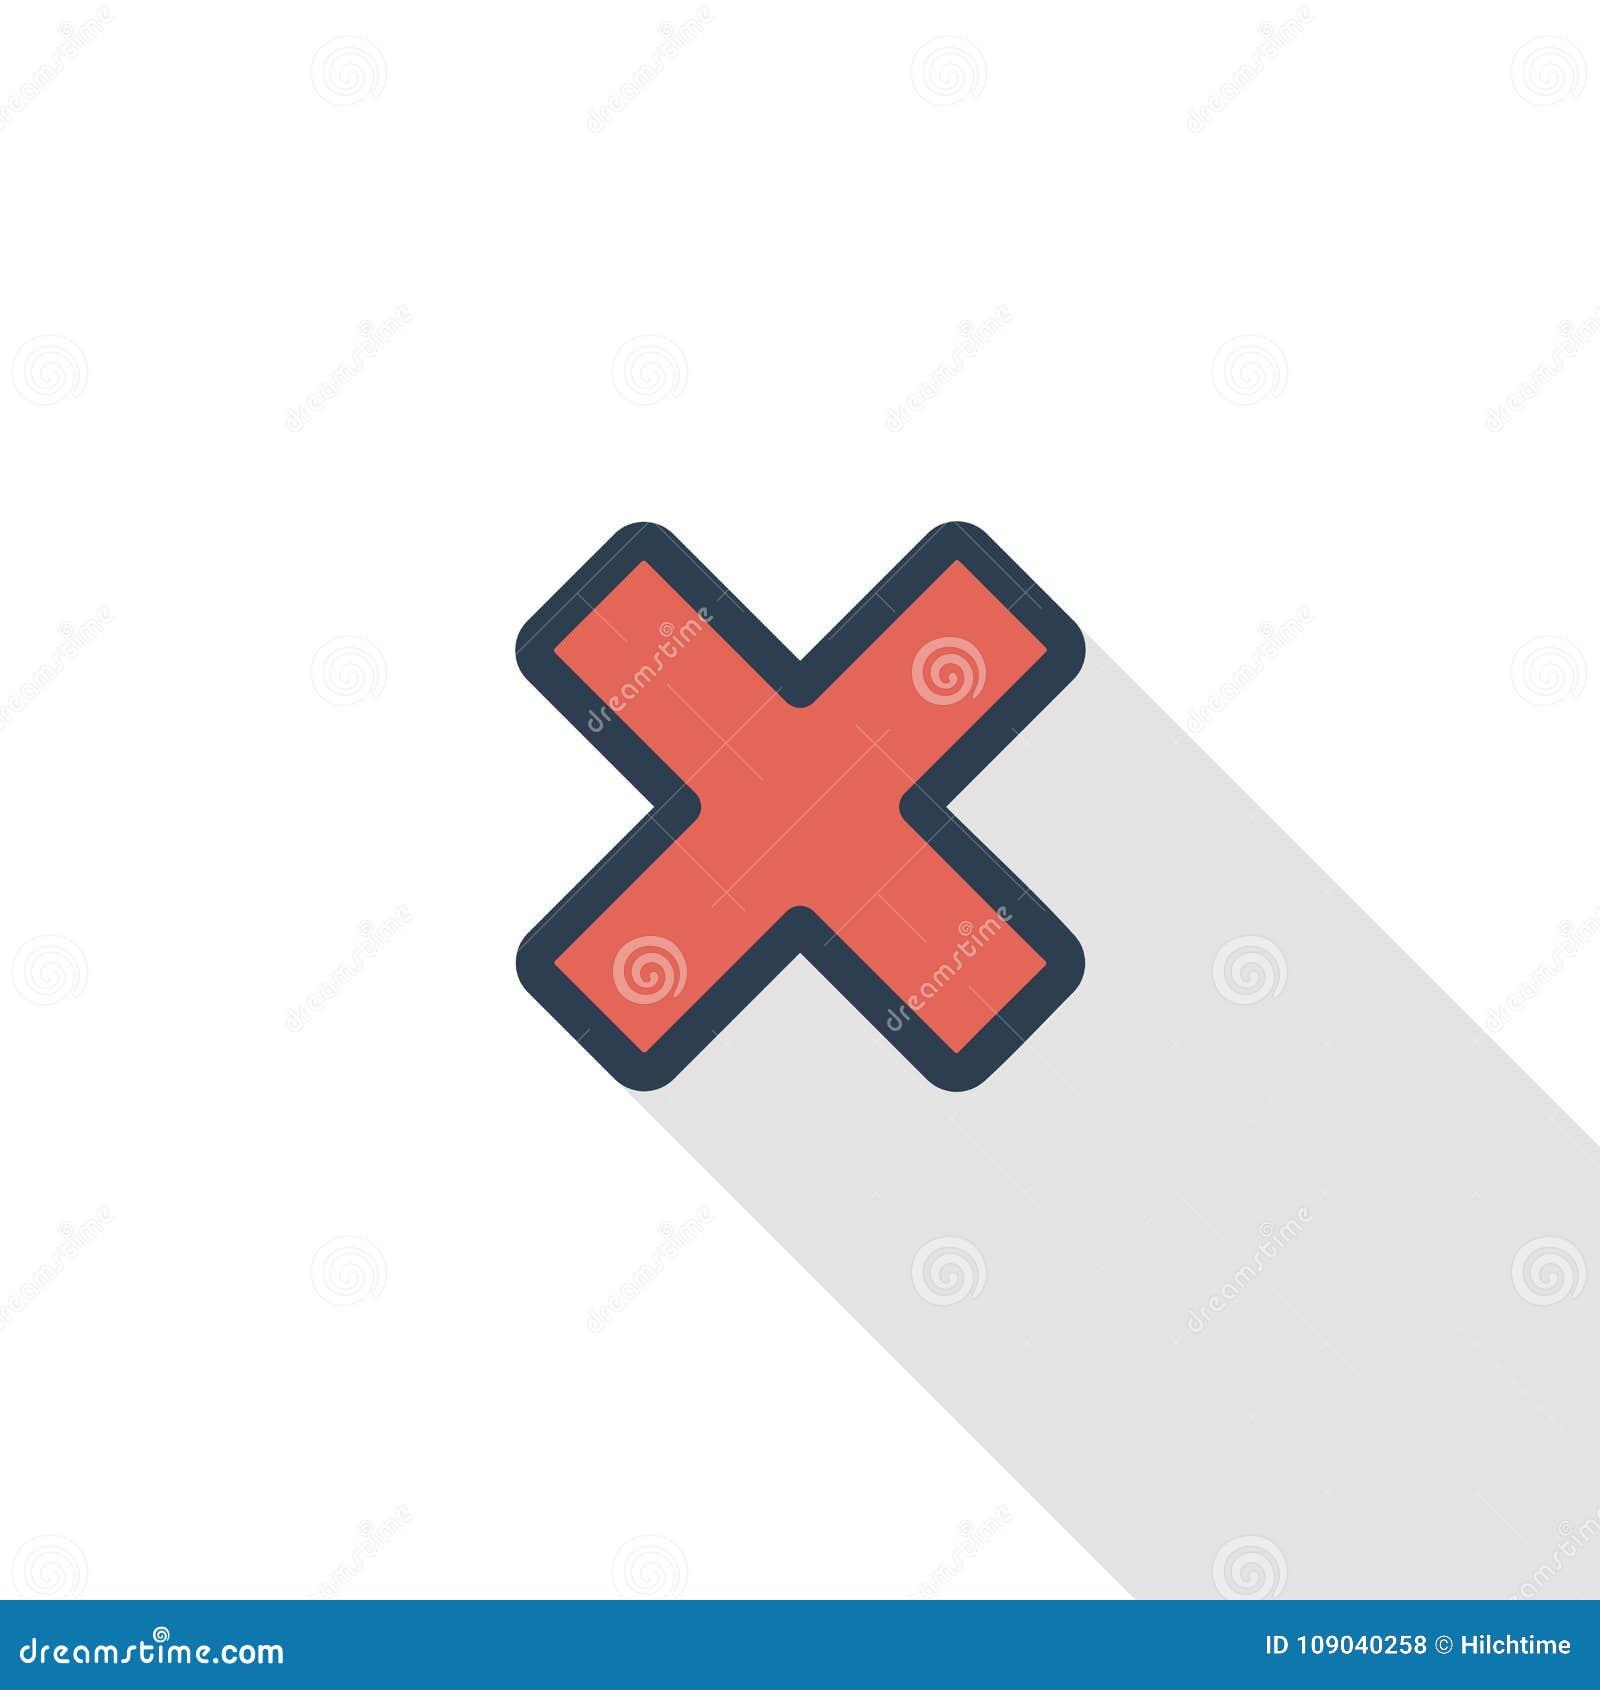 Dicht, annuleer, ontruim het dunne pictogram van de lijn vlakke kleur Lineair vectorsymbool Kleurrijk lang schaduwontwerp